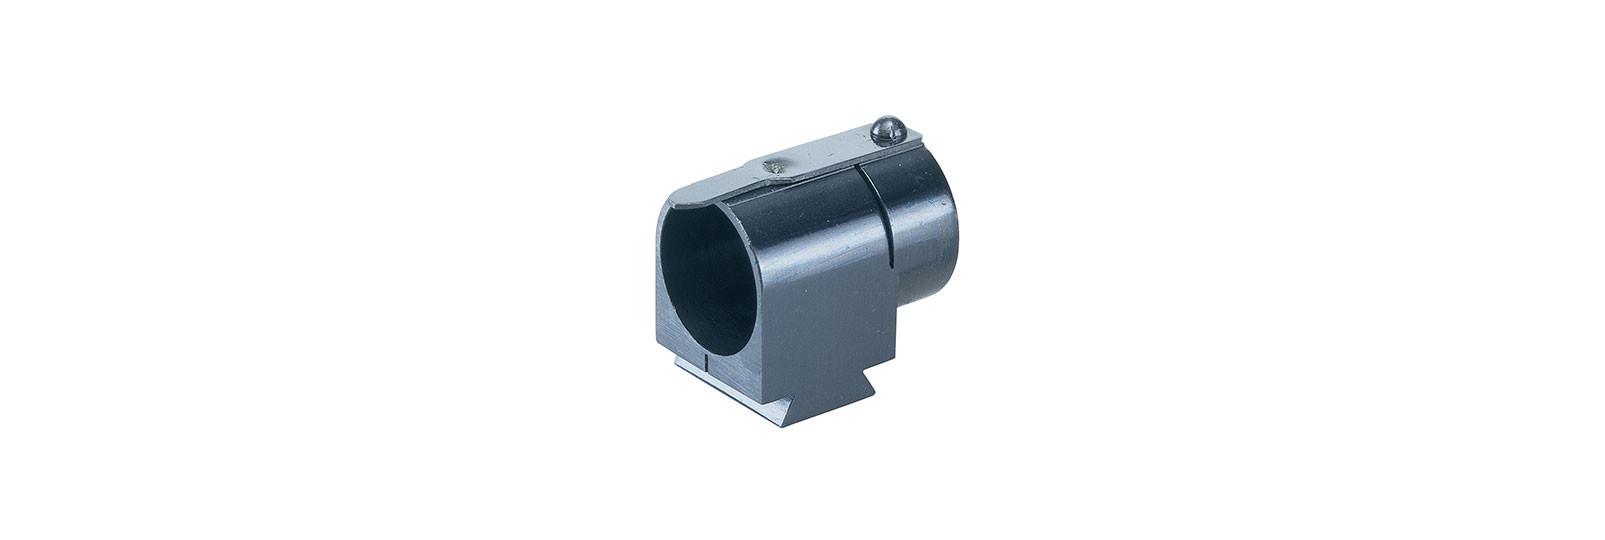 Mirino tunnel armi a retrocarica - 12 inserti